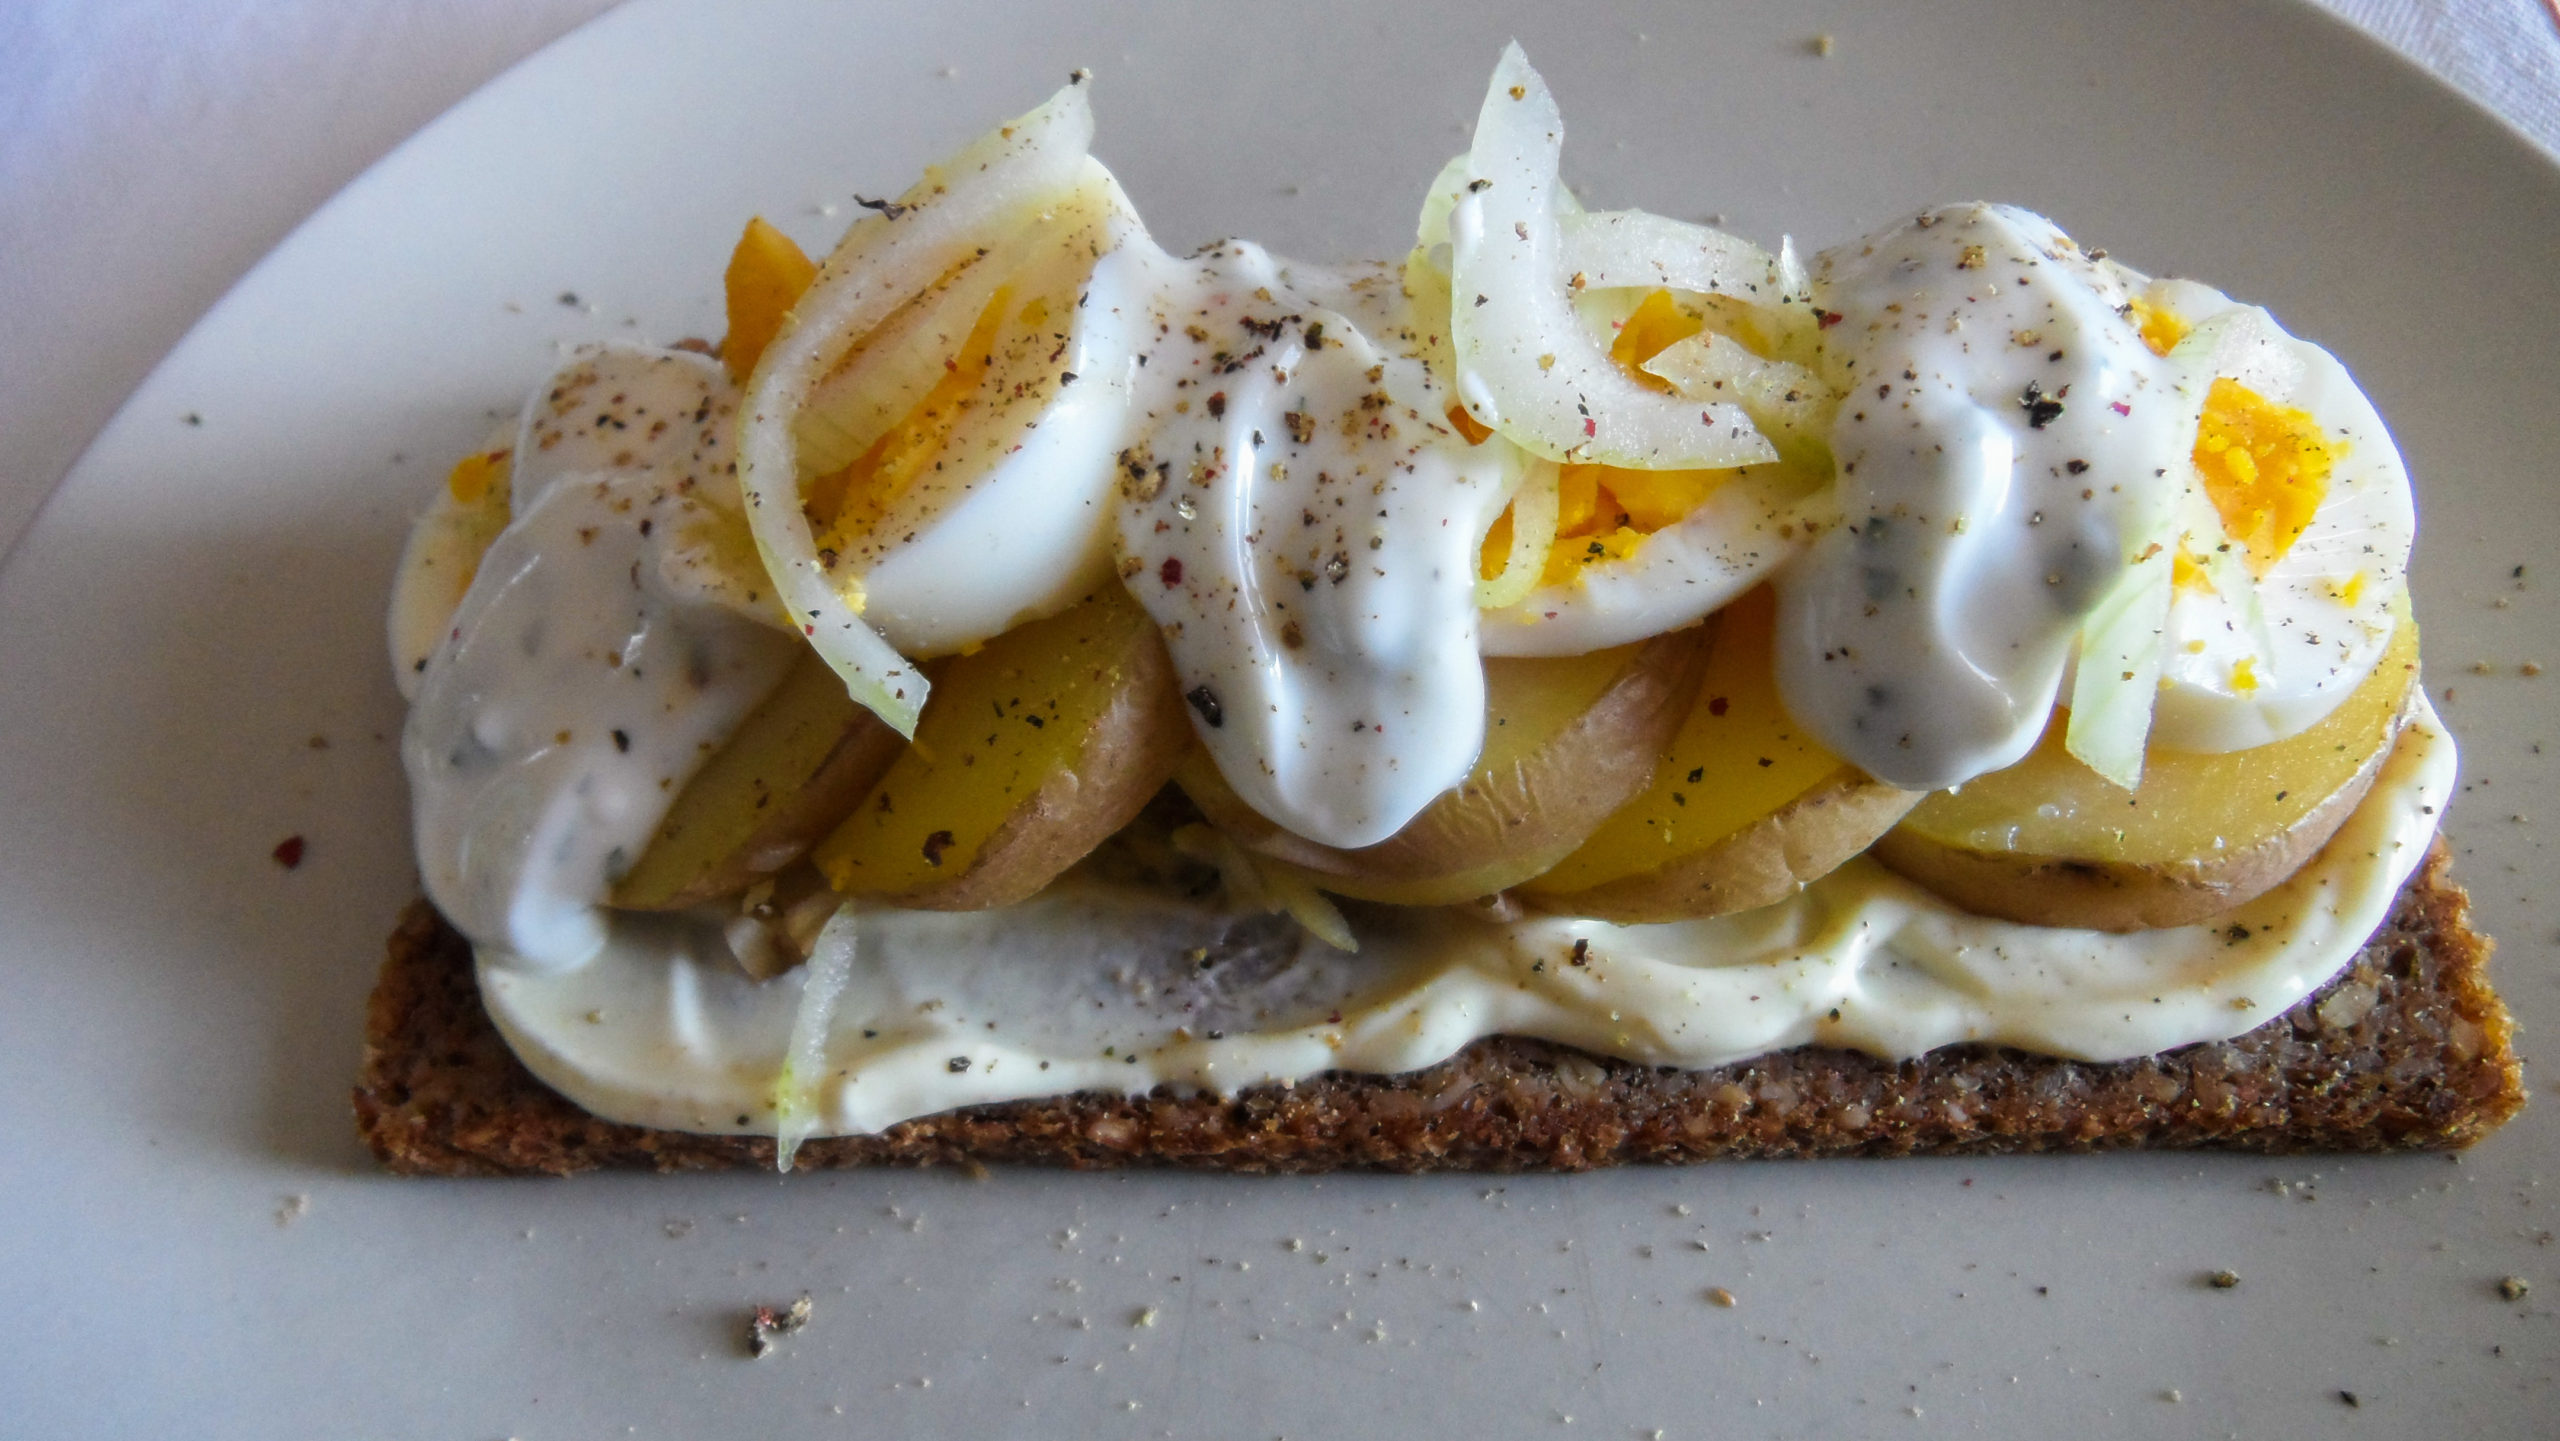 Smørrebrød with double Skyr sauce, potatoes and eggs